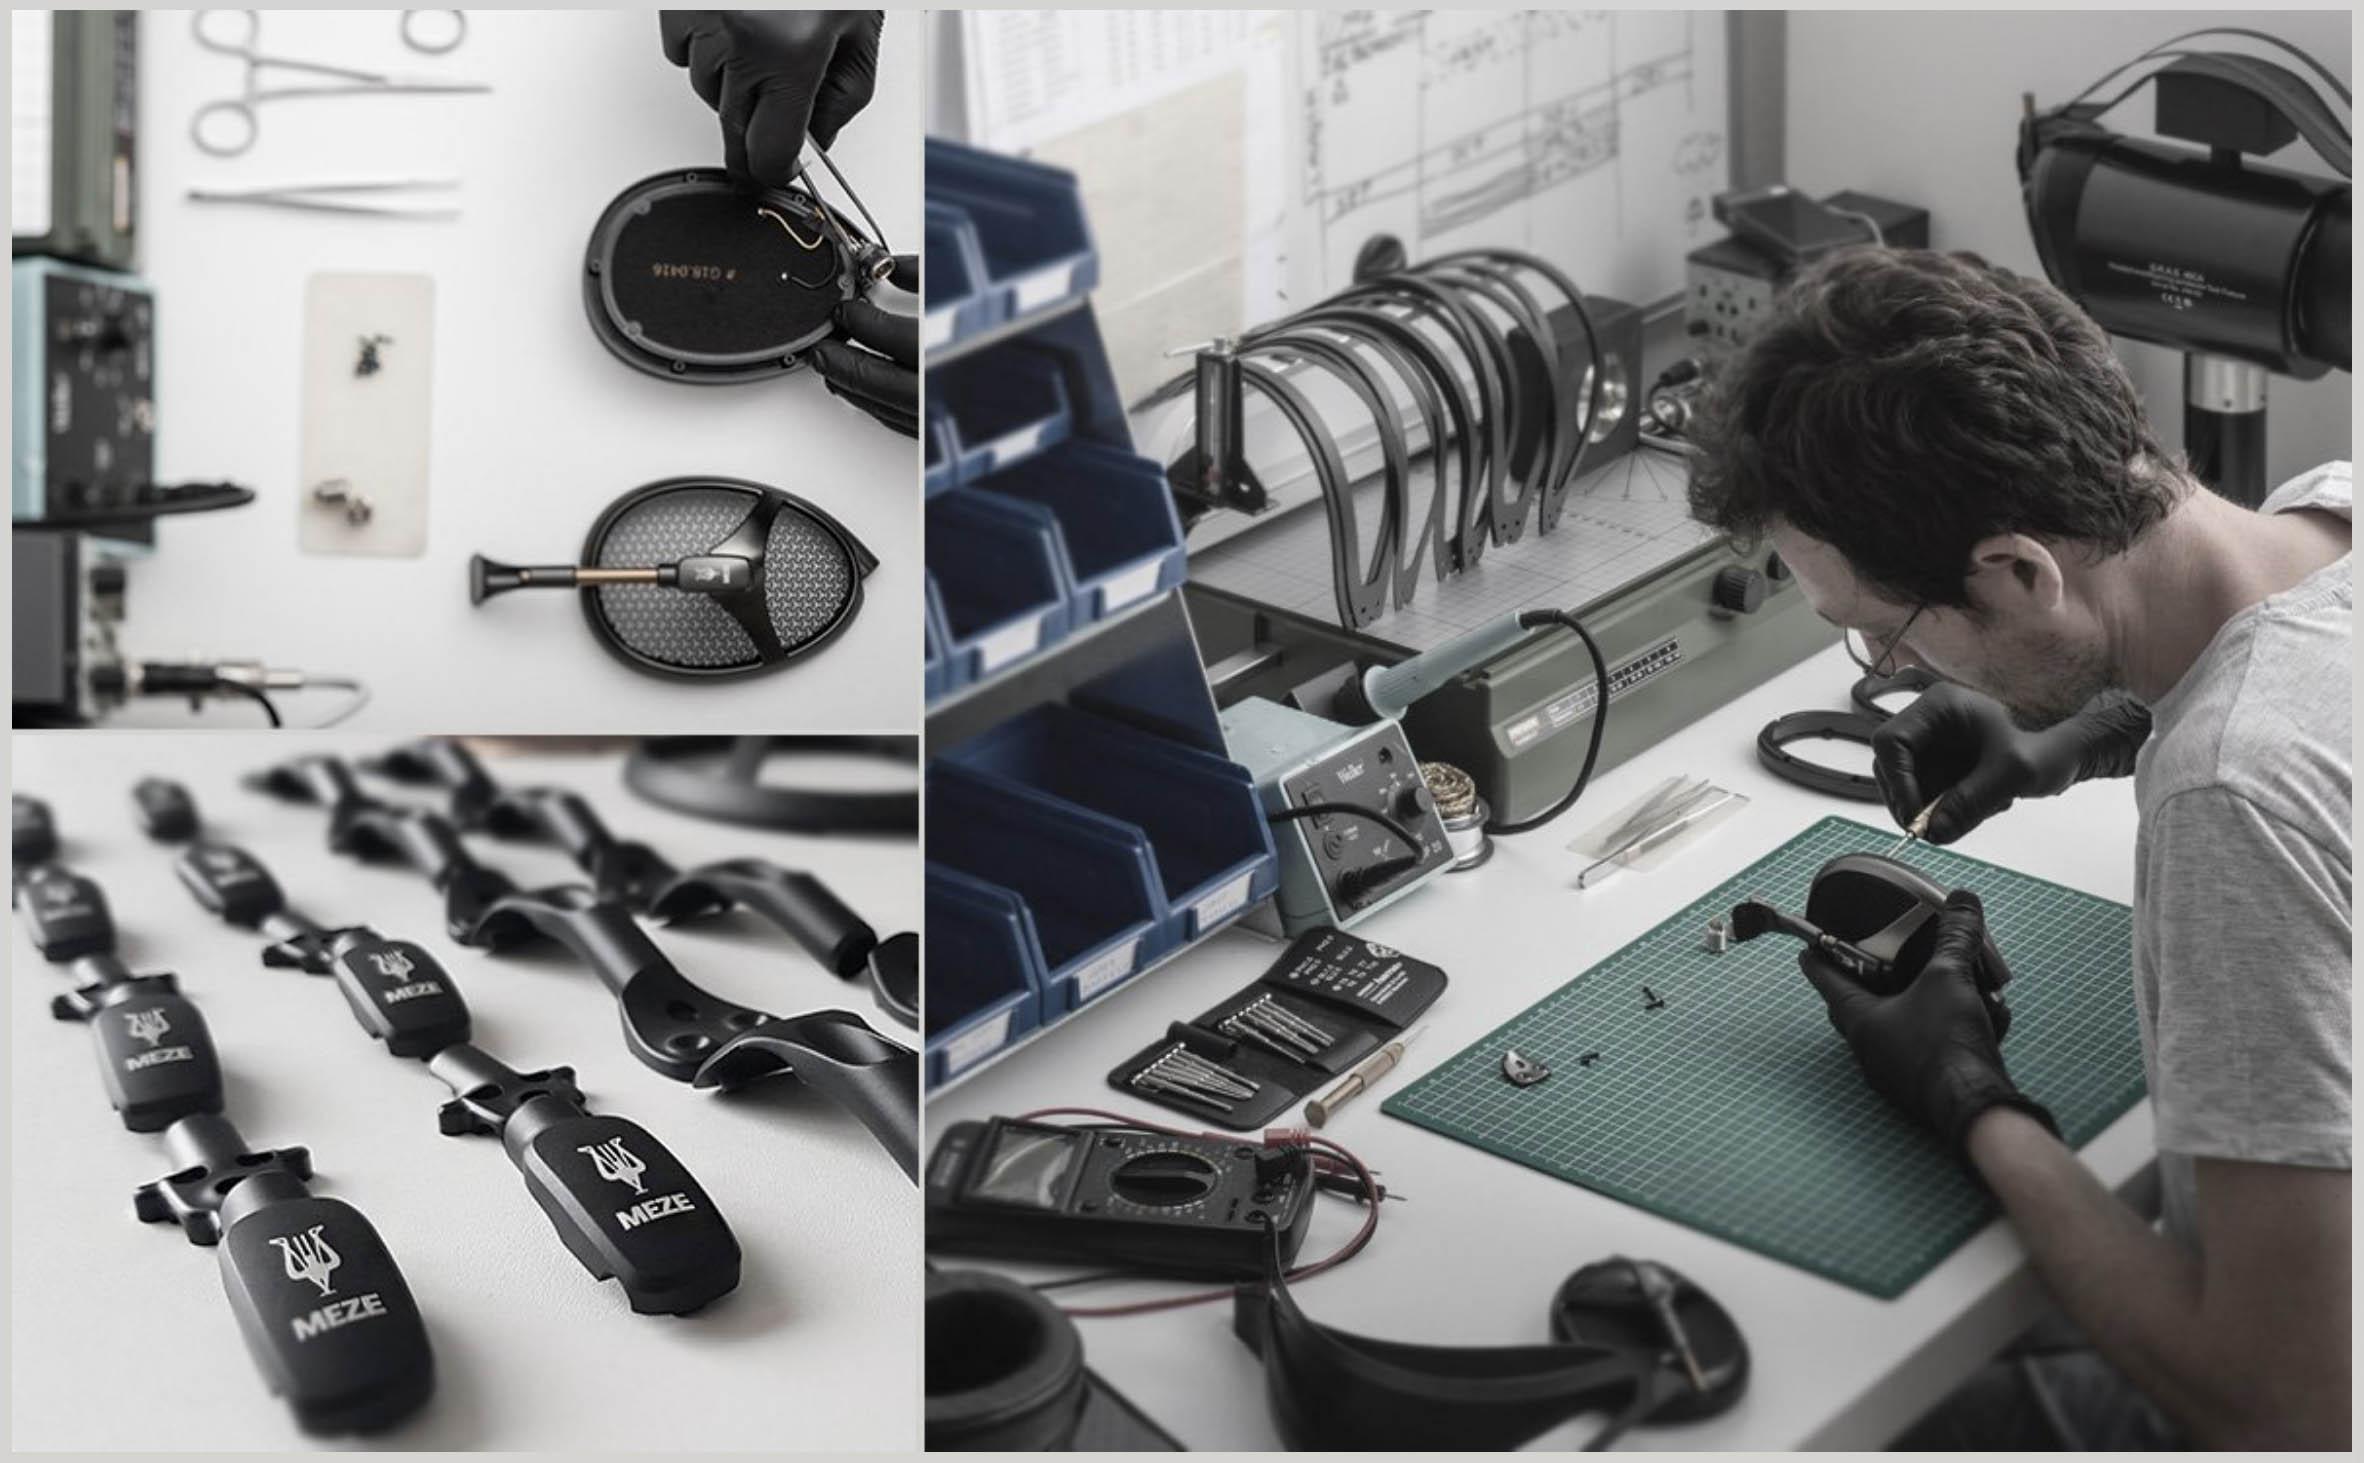 meze-empyrean-hand-assembled-headphones.jpg